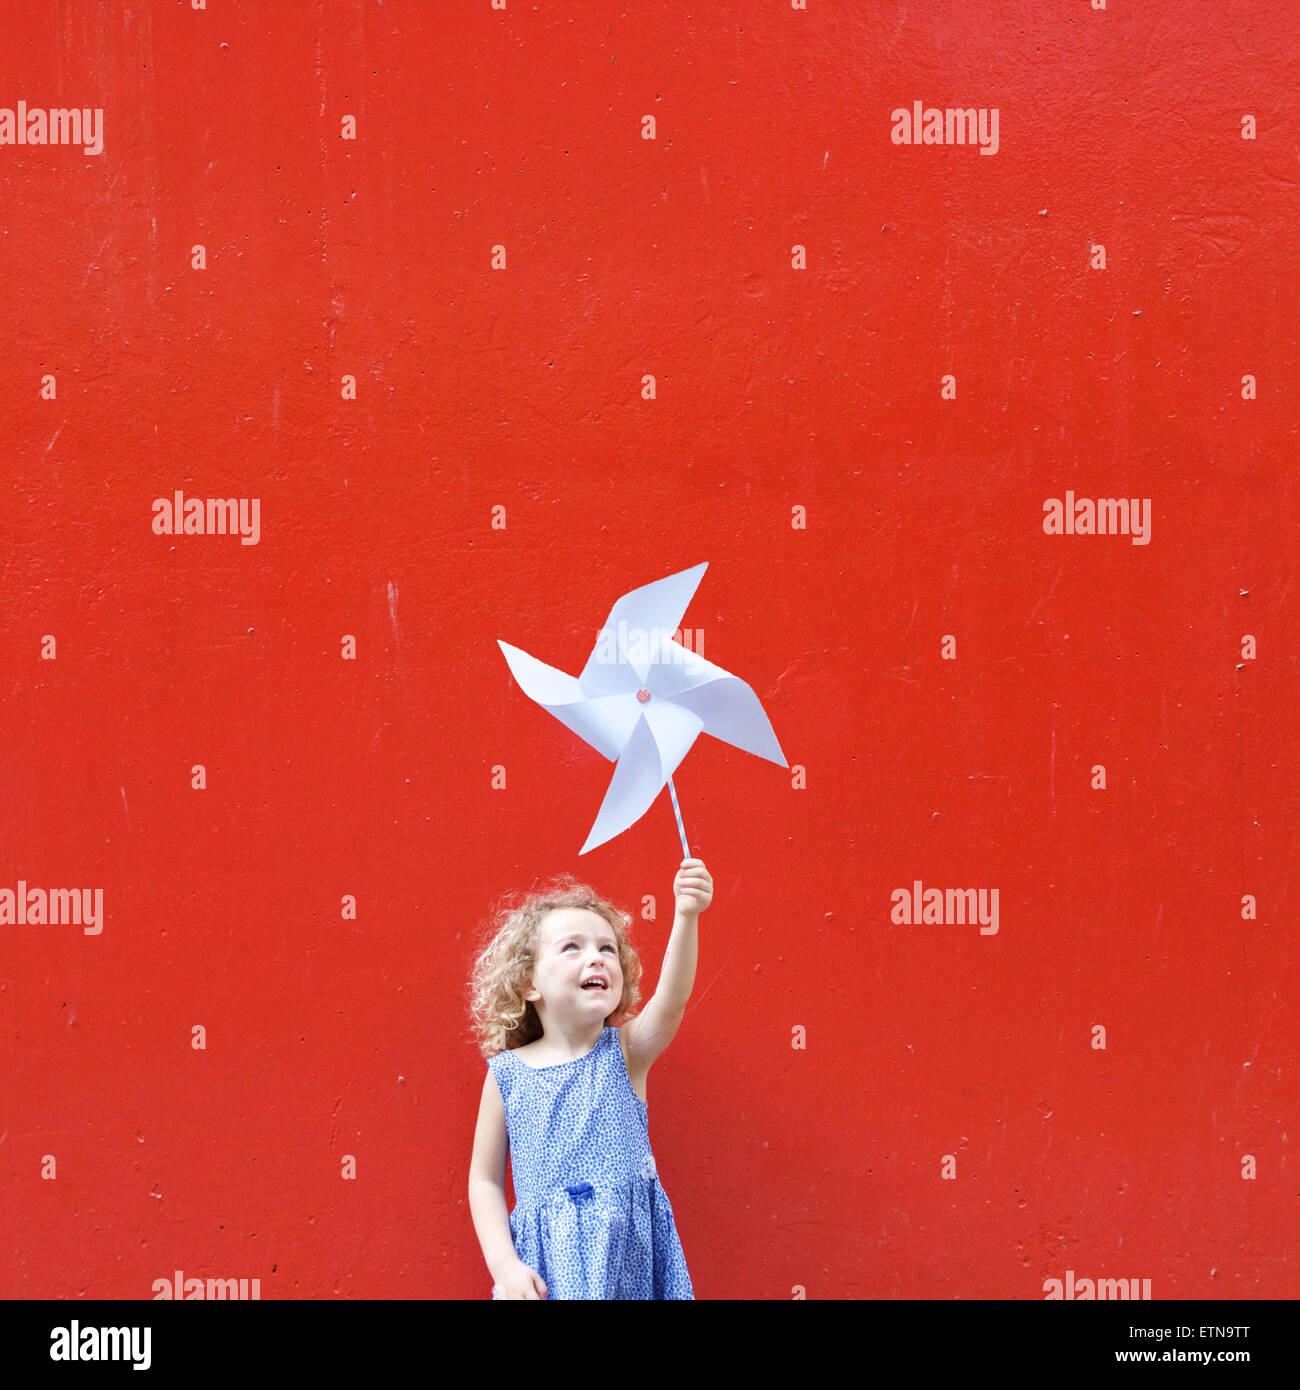 Chica sonriente sosteniendo un remolino en el aire haciendo una bandera de Hong Kong Imagen De Stock